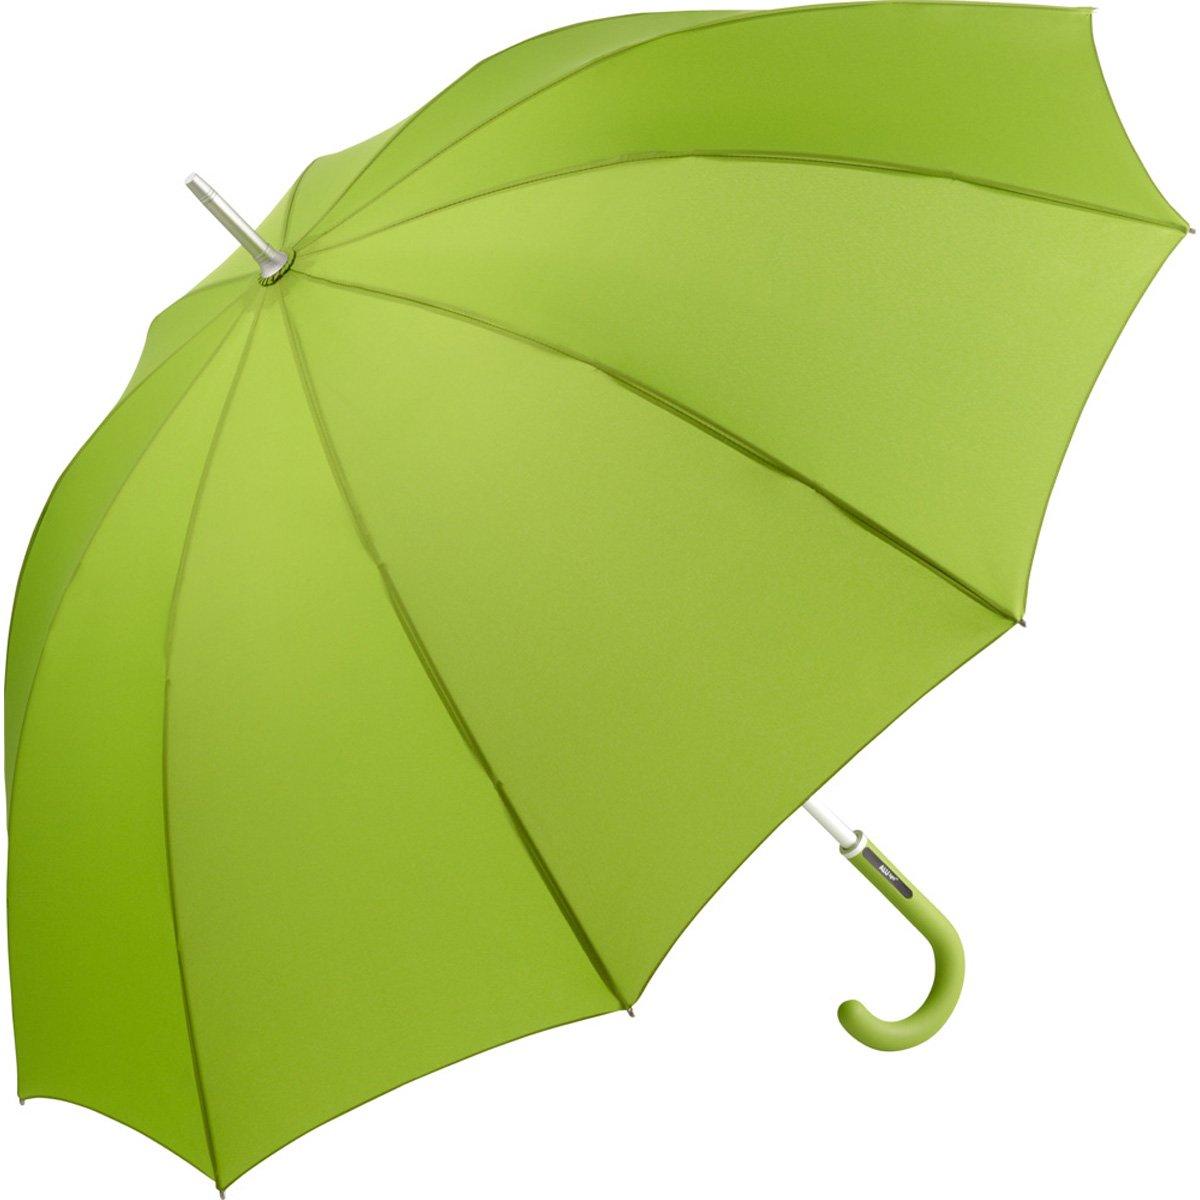 FARE - Parapluie standard - parapluie canne - FP4110 - lime